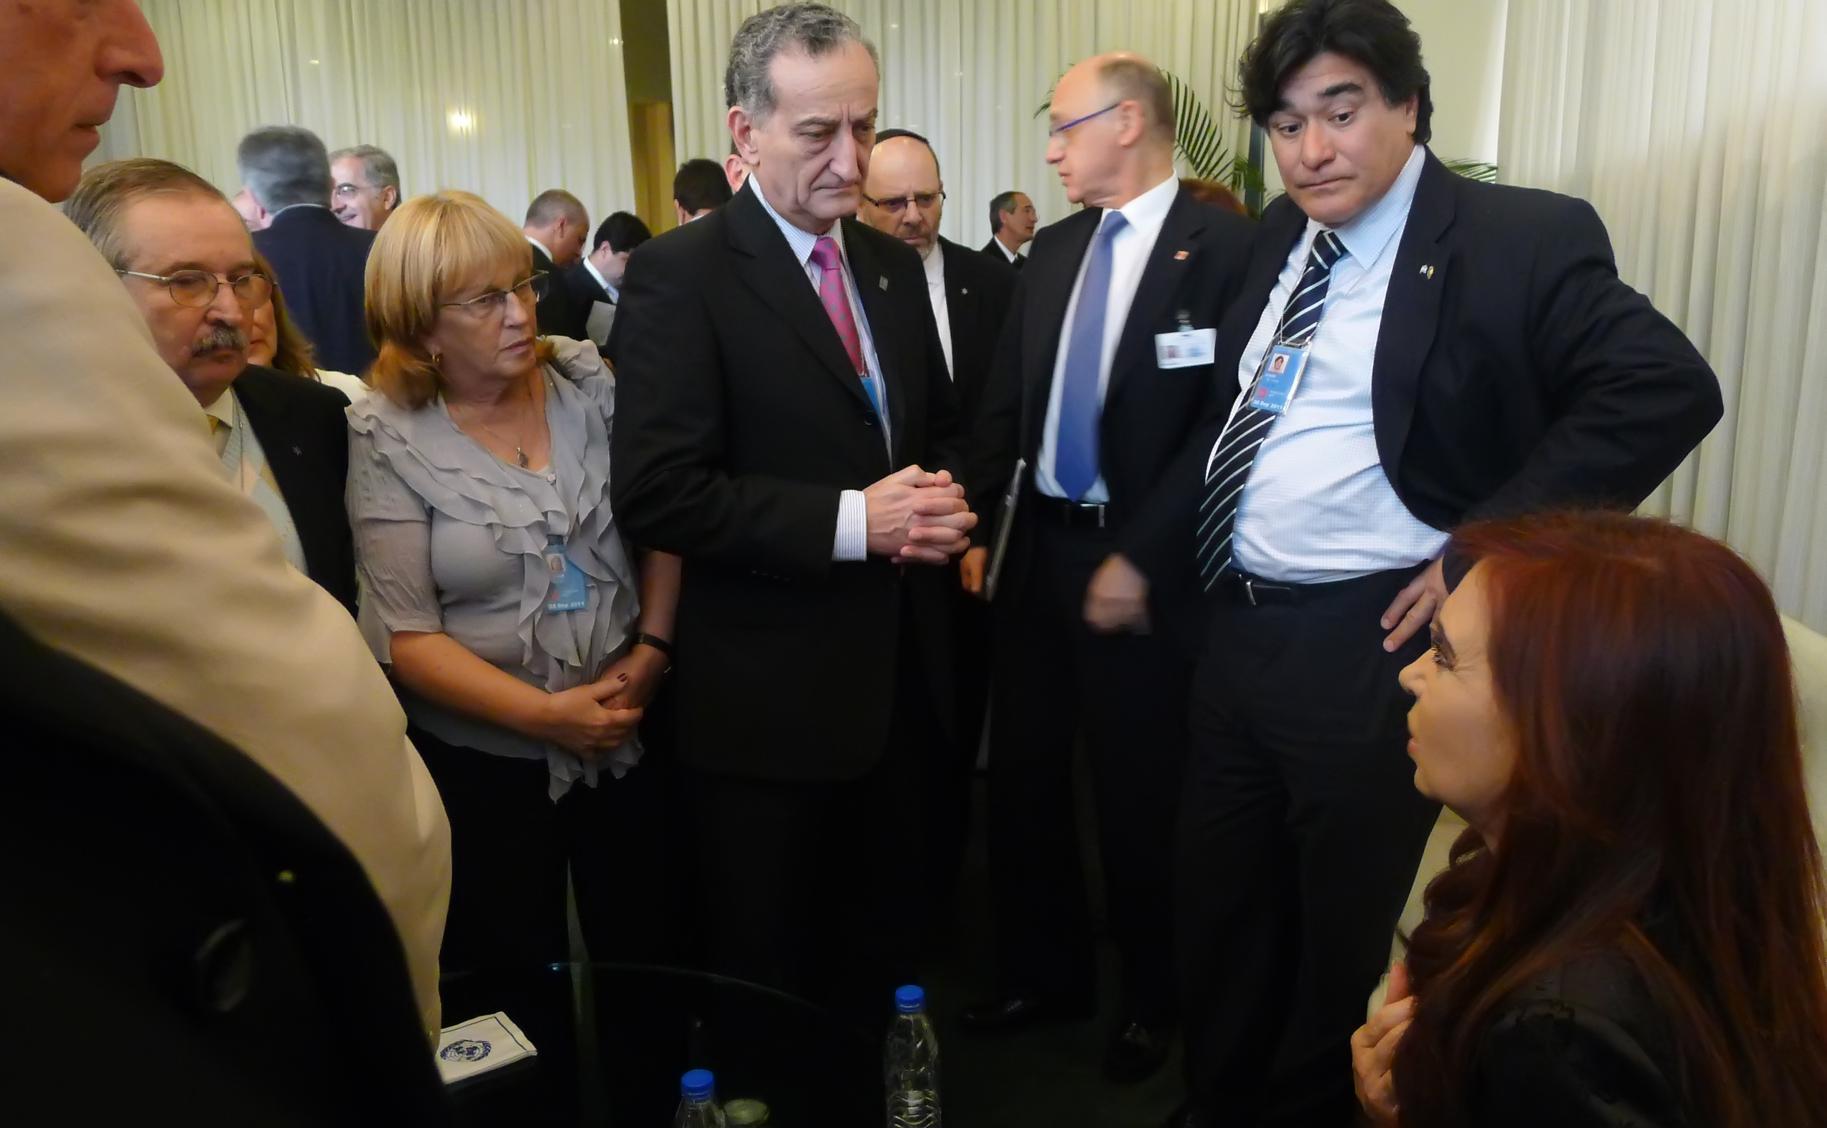 Cristina Fernández fue acompañada en el recinto de la ONU por una delegación de la AMIA y la DAIA.